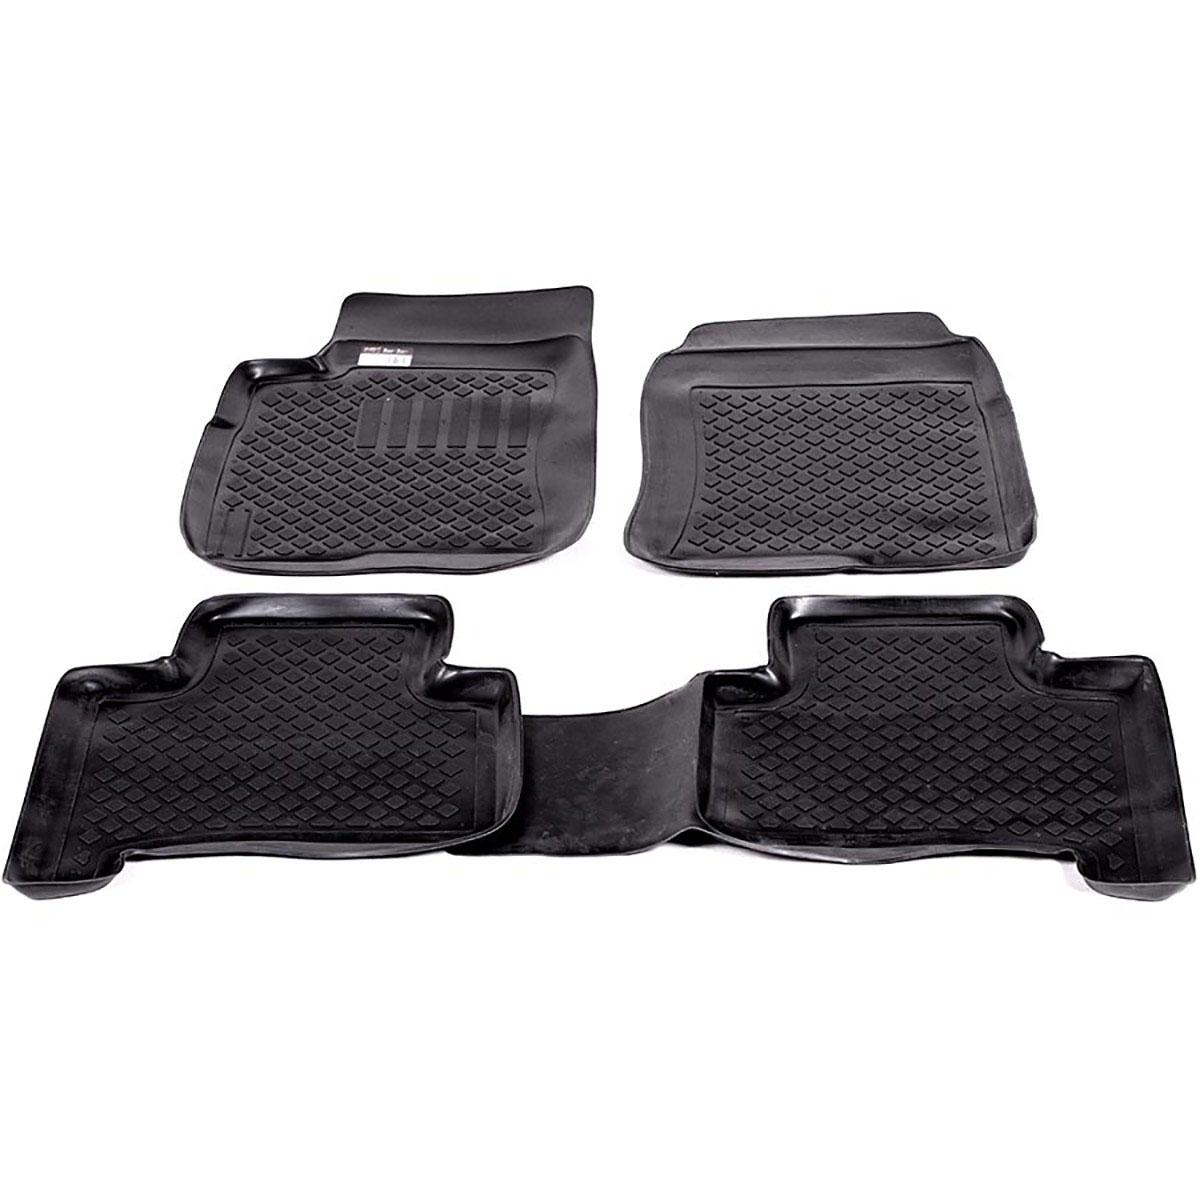 Набор автомобильных ковриков L.Locker для Lexus GX 470 (02-), в салон, 4 штFS-80423Коврики L.Locker производятся индивидуально для каждой модели автомобиля из современного и экологически чистого материала, точно повторяют геометрию пола автомобиля, имеют высокий борт от 3 см до 4 см, обладают повышенной износоустойчивостью, антискользящими свойствами, лишены резкого запаха, сохраняют свои потребительские свойства в широком диапазоне температур (от -50°С до +80°С).